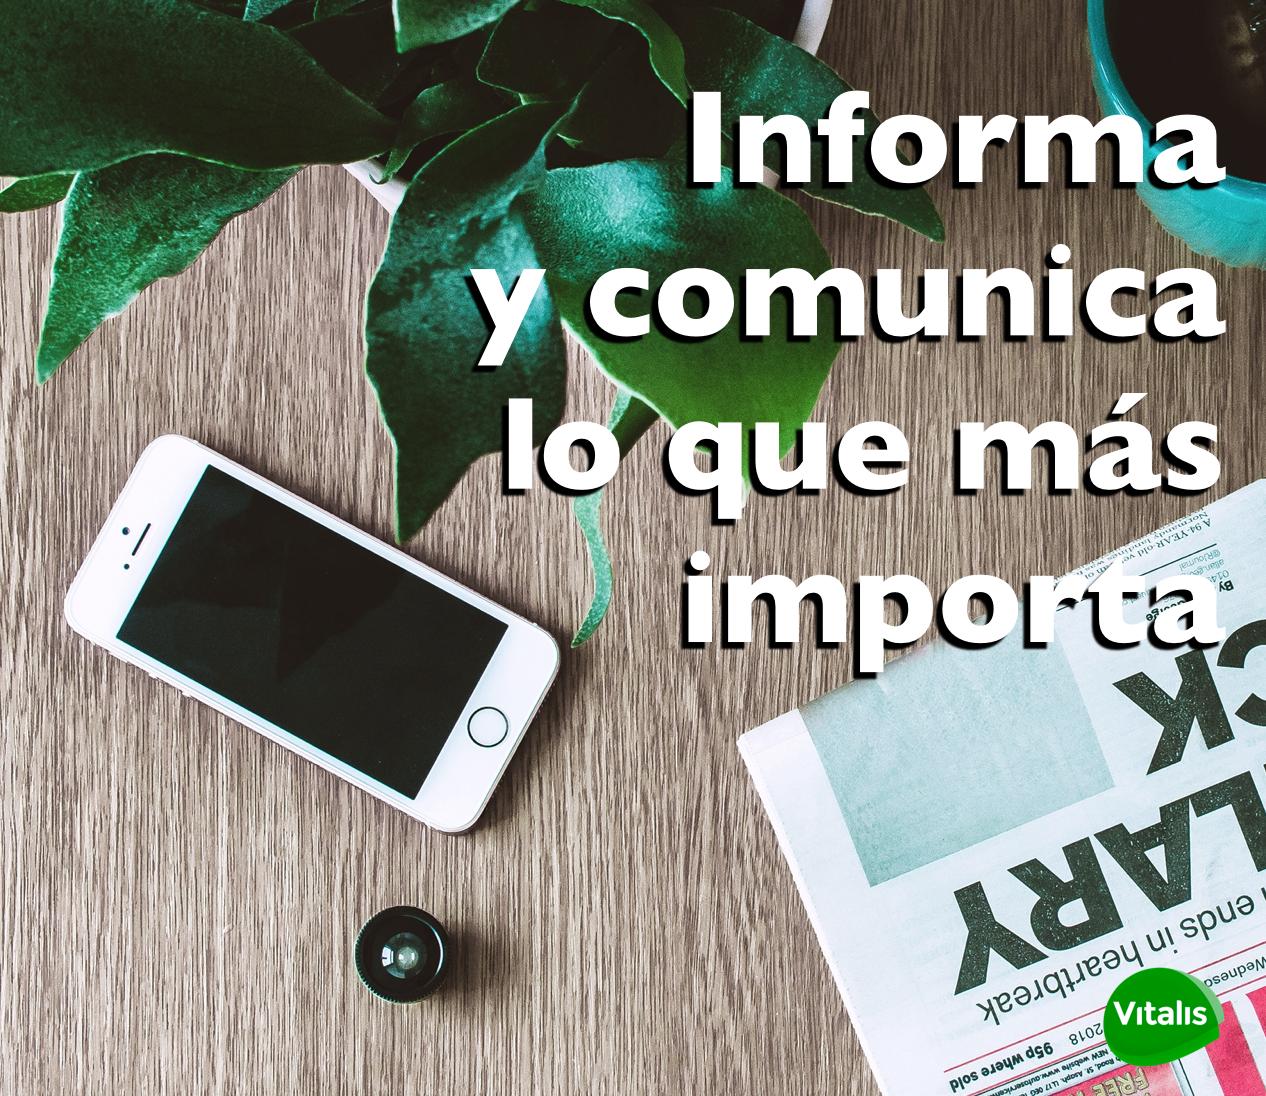 Informa  y comunica lo que más importa